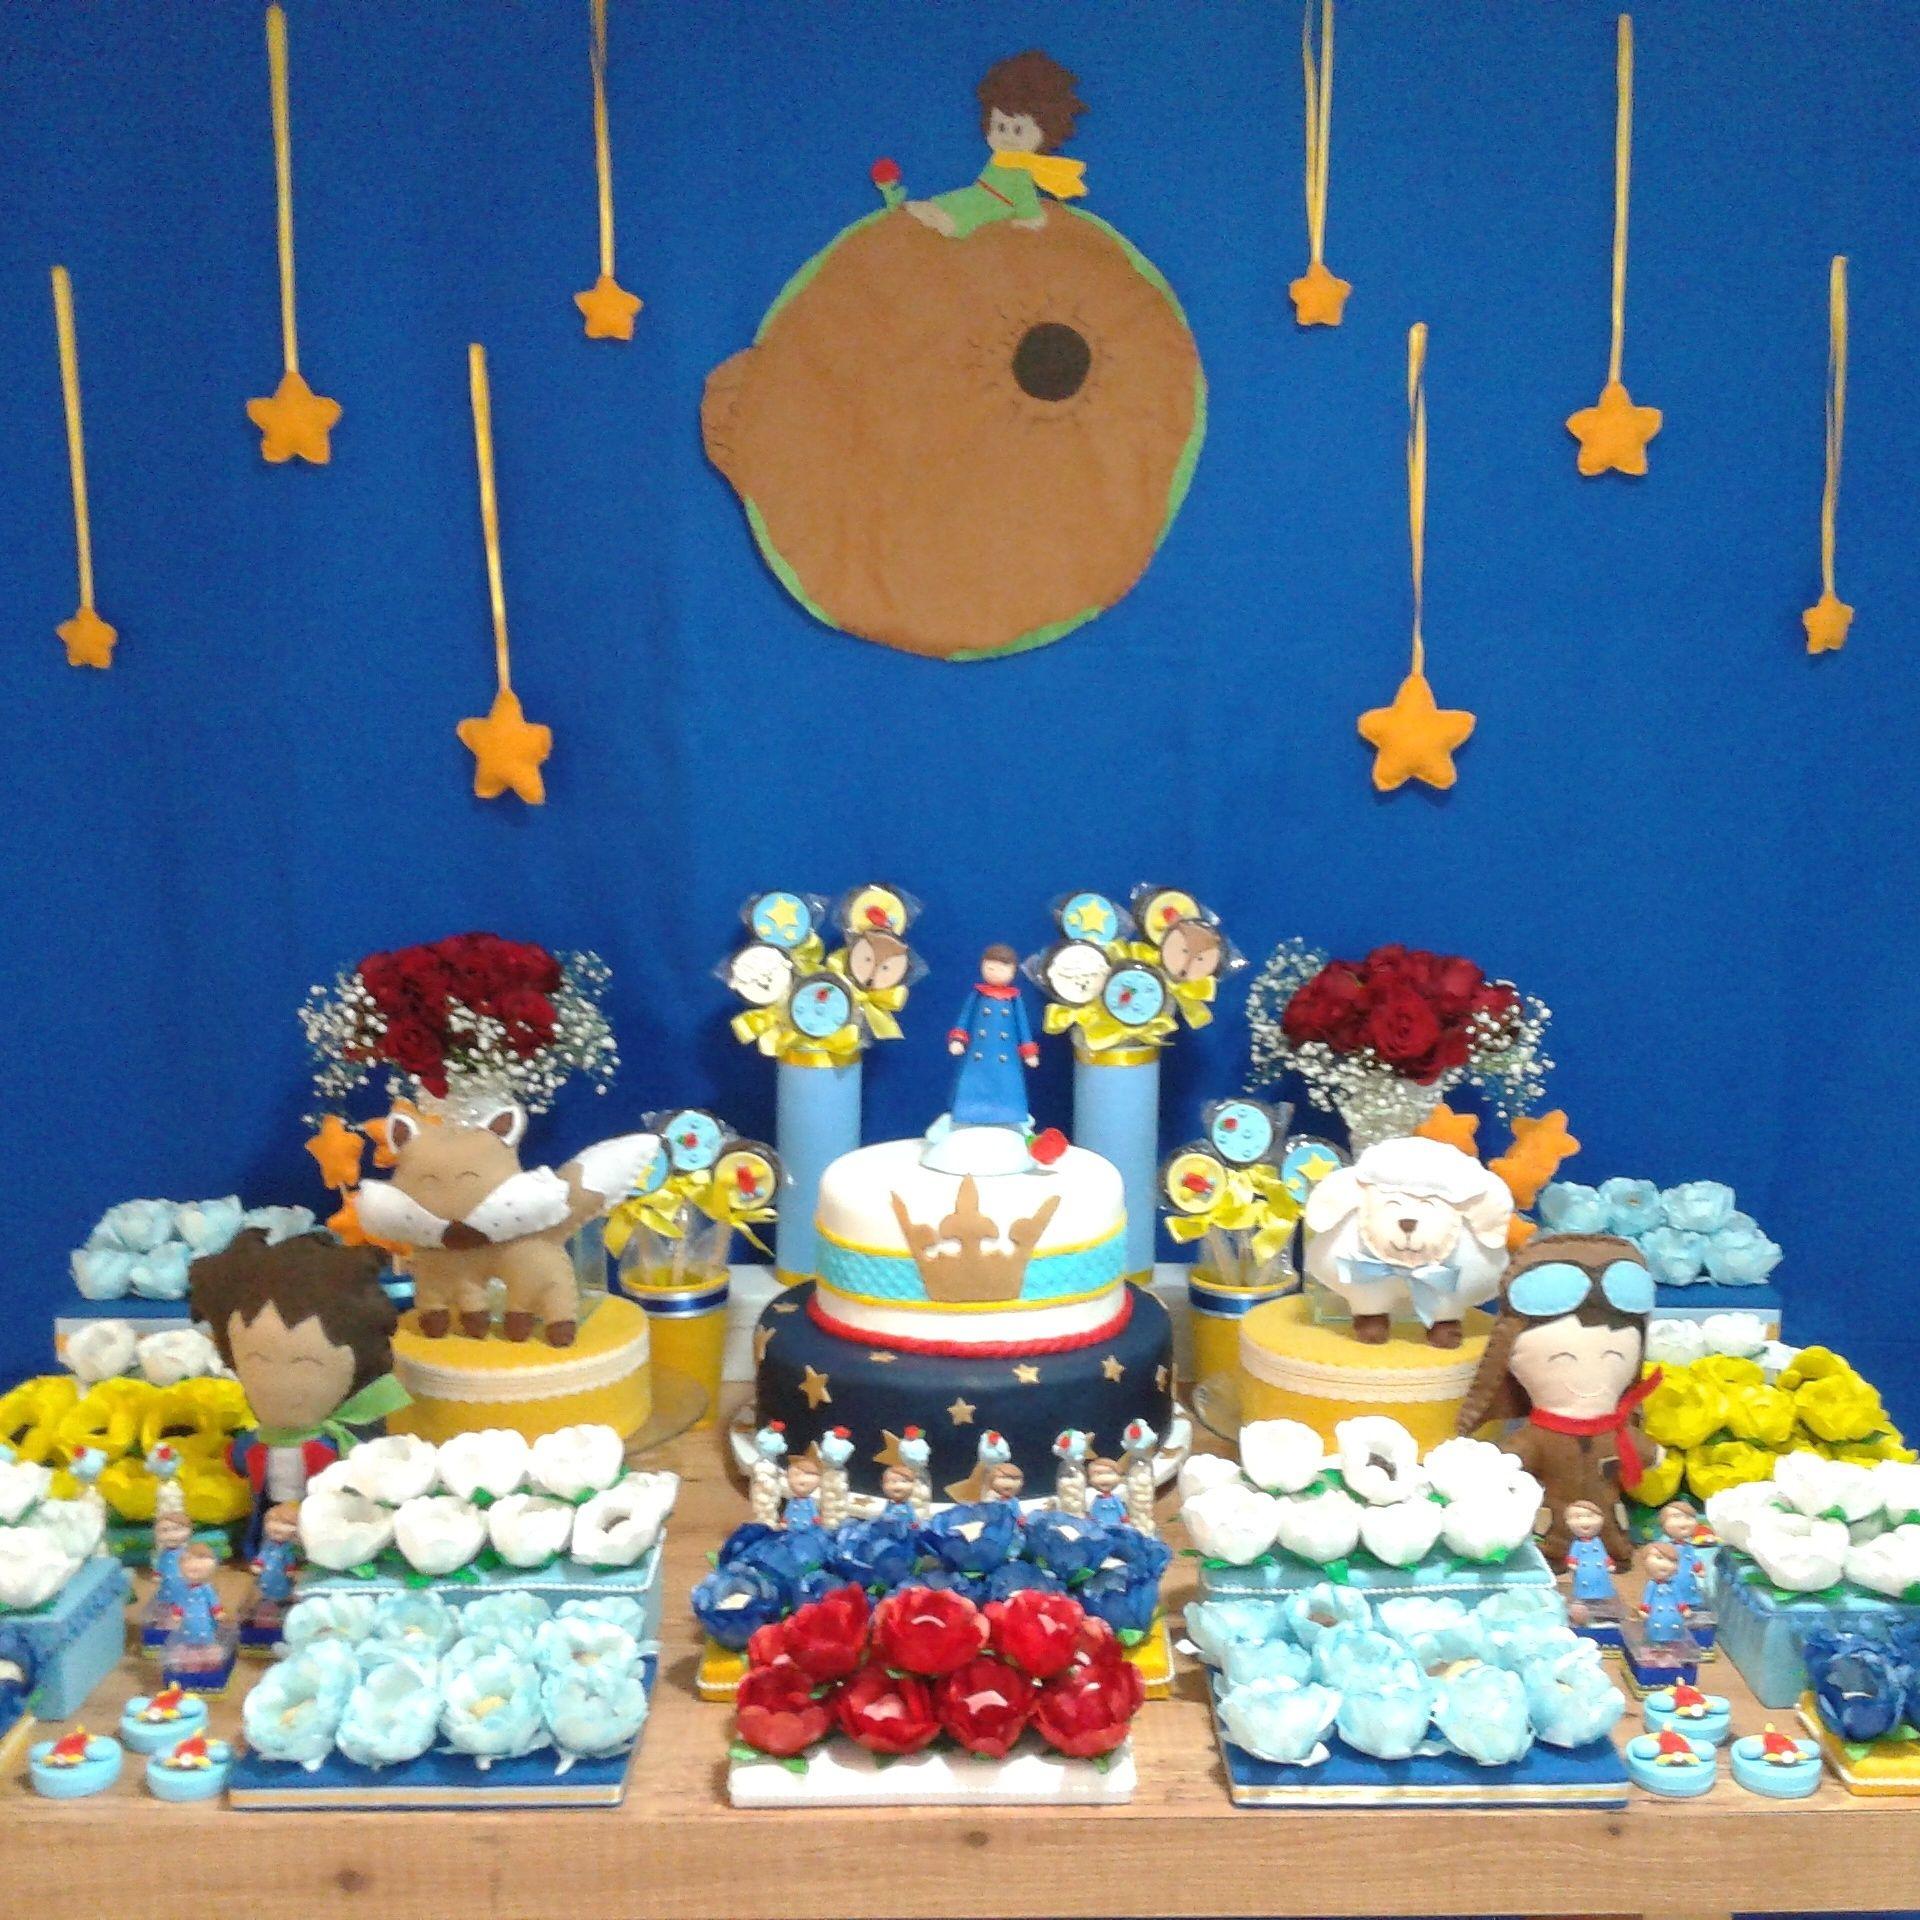 Decoração Boneca Jeitosa / Bolo e biscuits: Fadas Festeira / Decoração com balões: Sandra Sousa